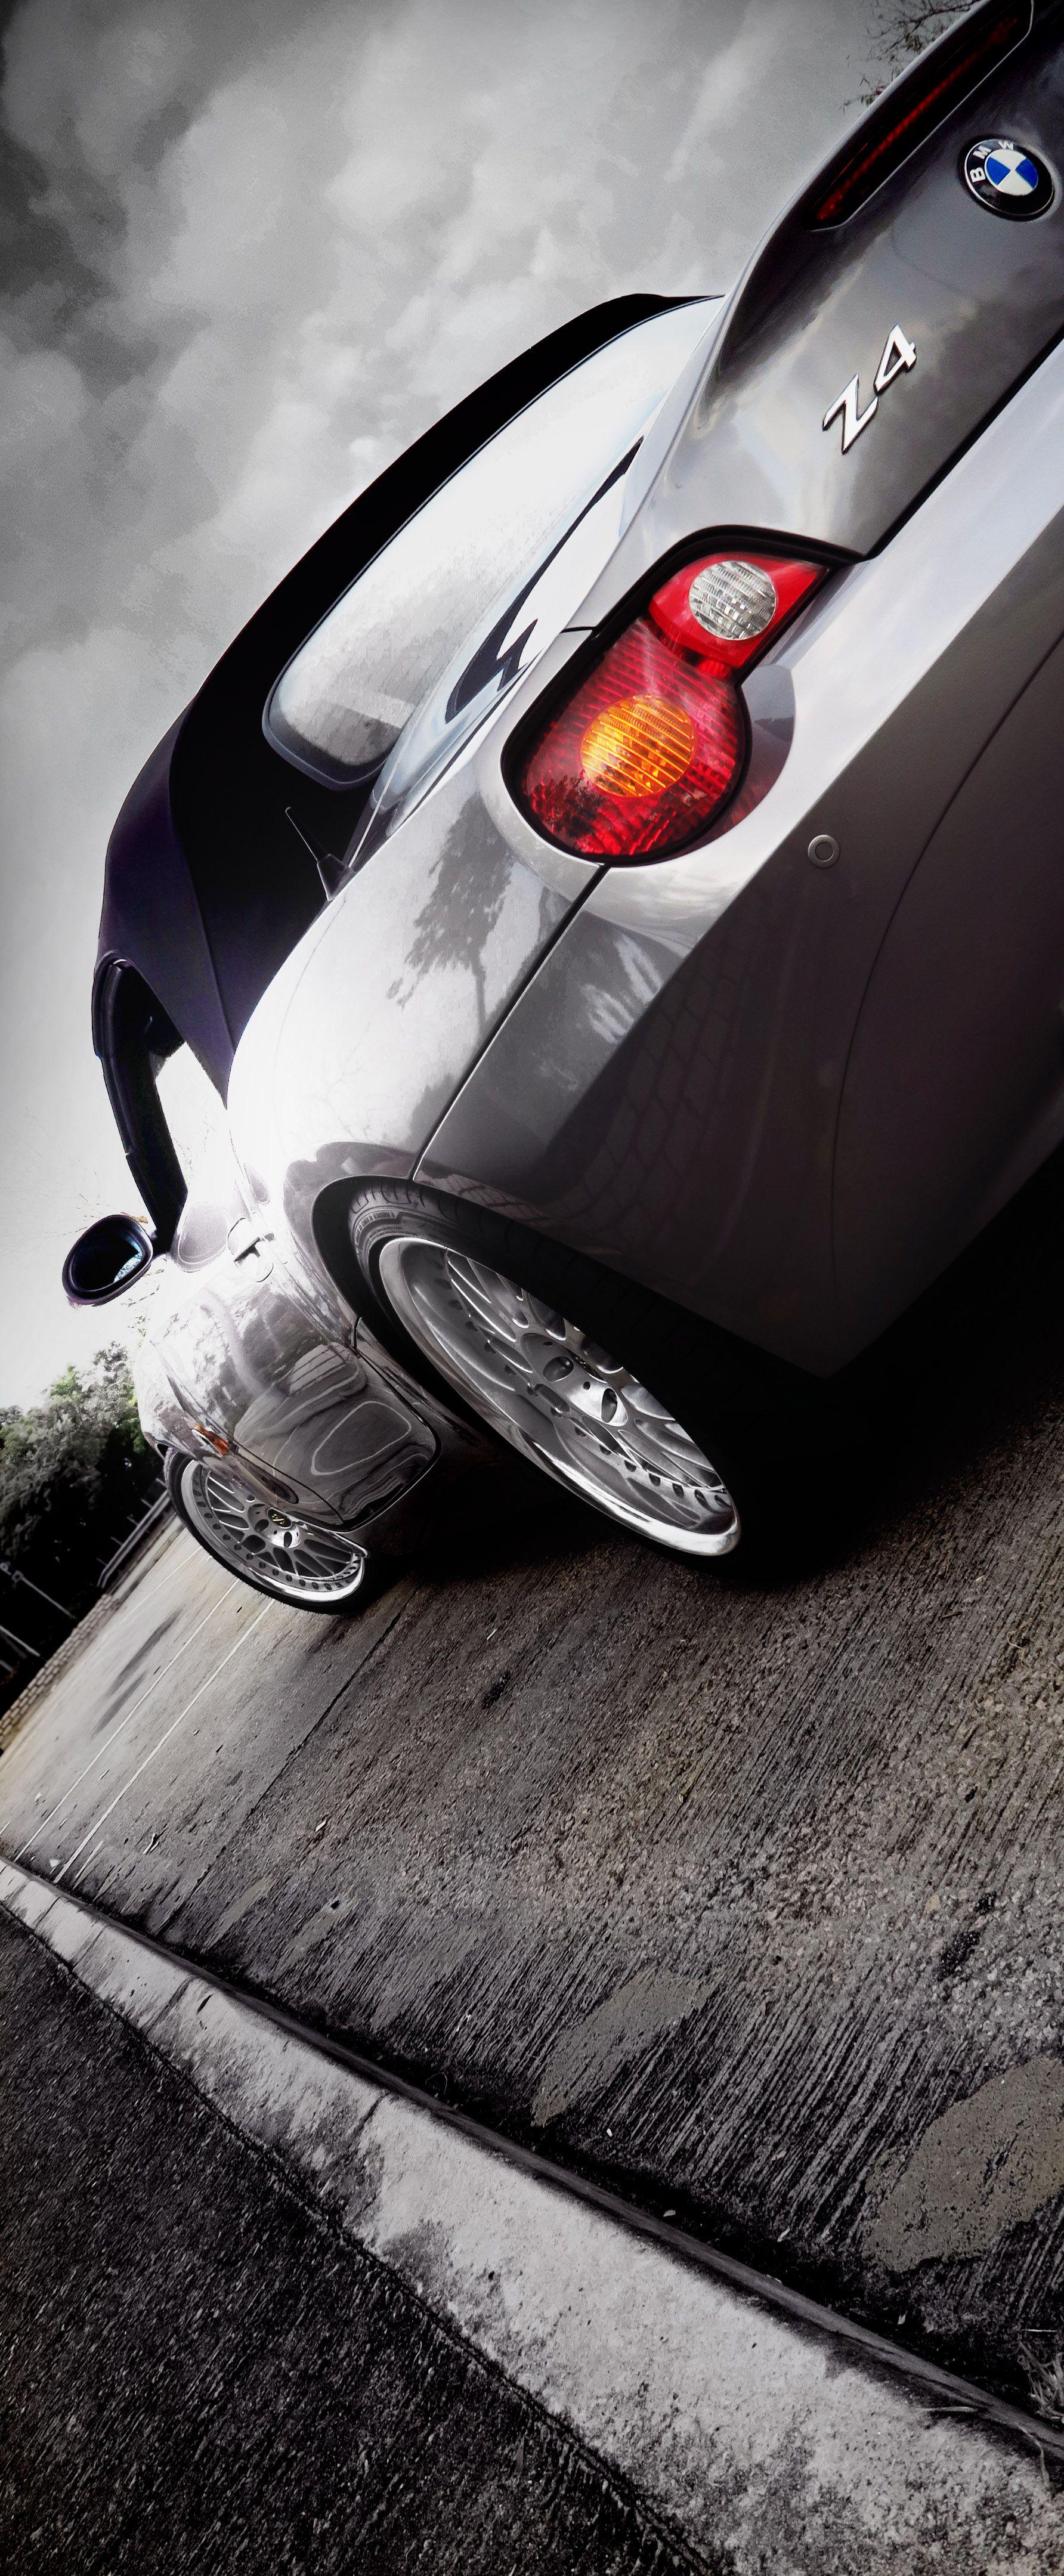 e85 BMW Roadster Favorite Car Pinterest